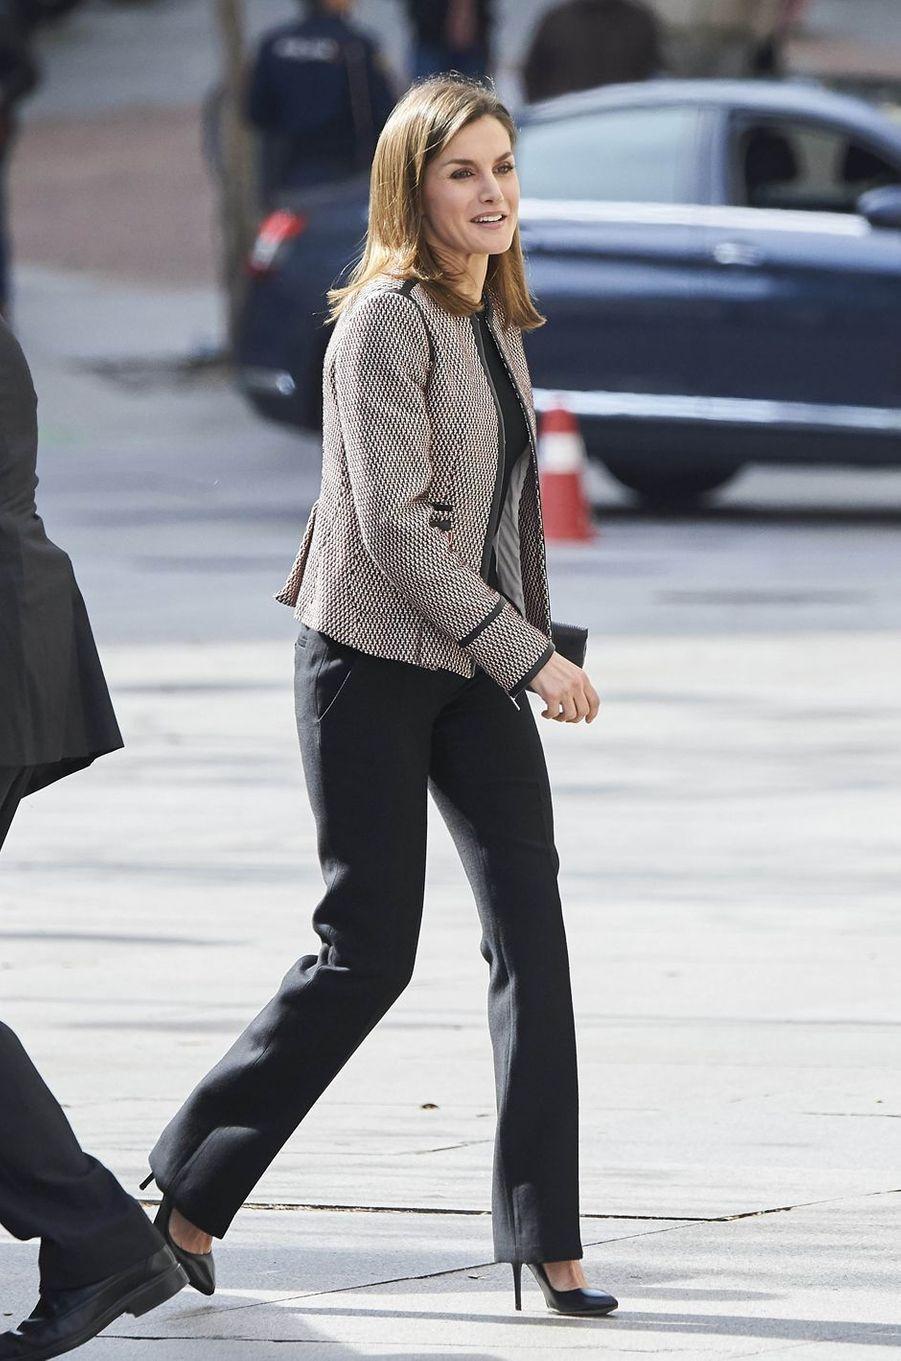 La reine Letizia d'Espagne dans une veste Hugo Boss à Madrid, le 5 avril 2018